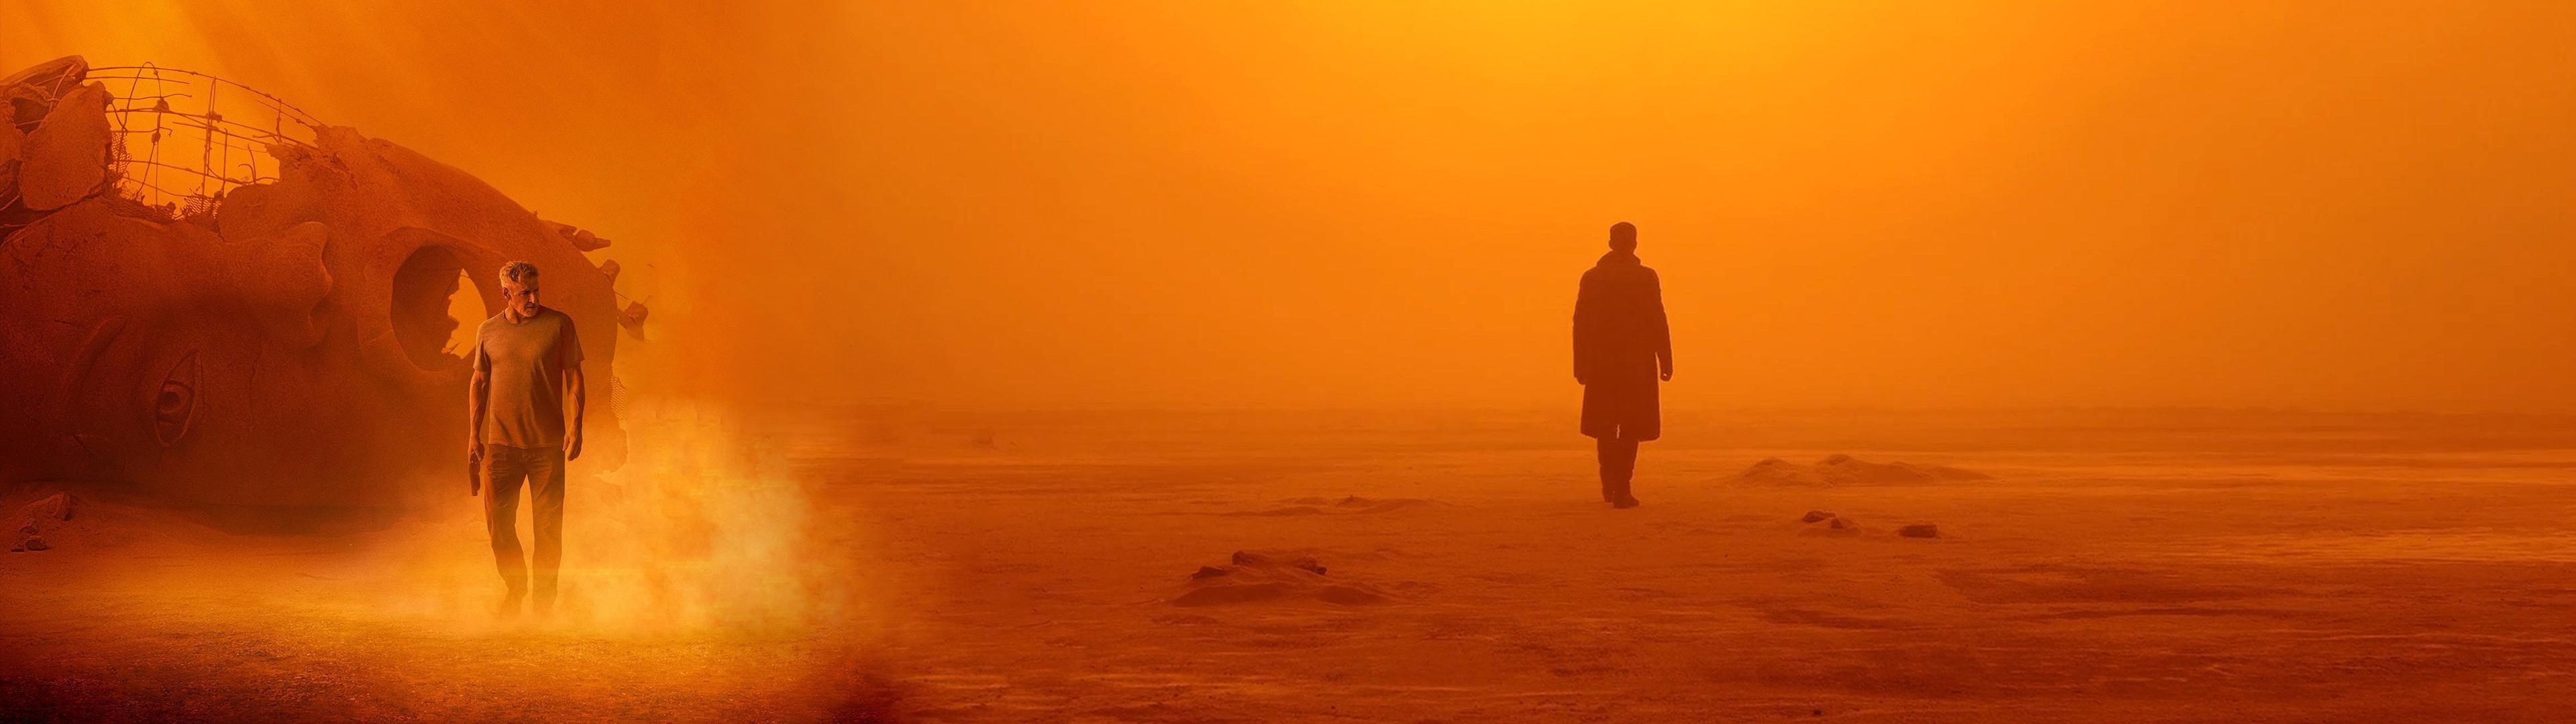 Blade Runner Hd Wallpaper 78 Images